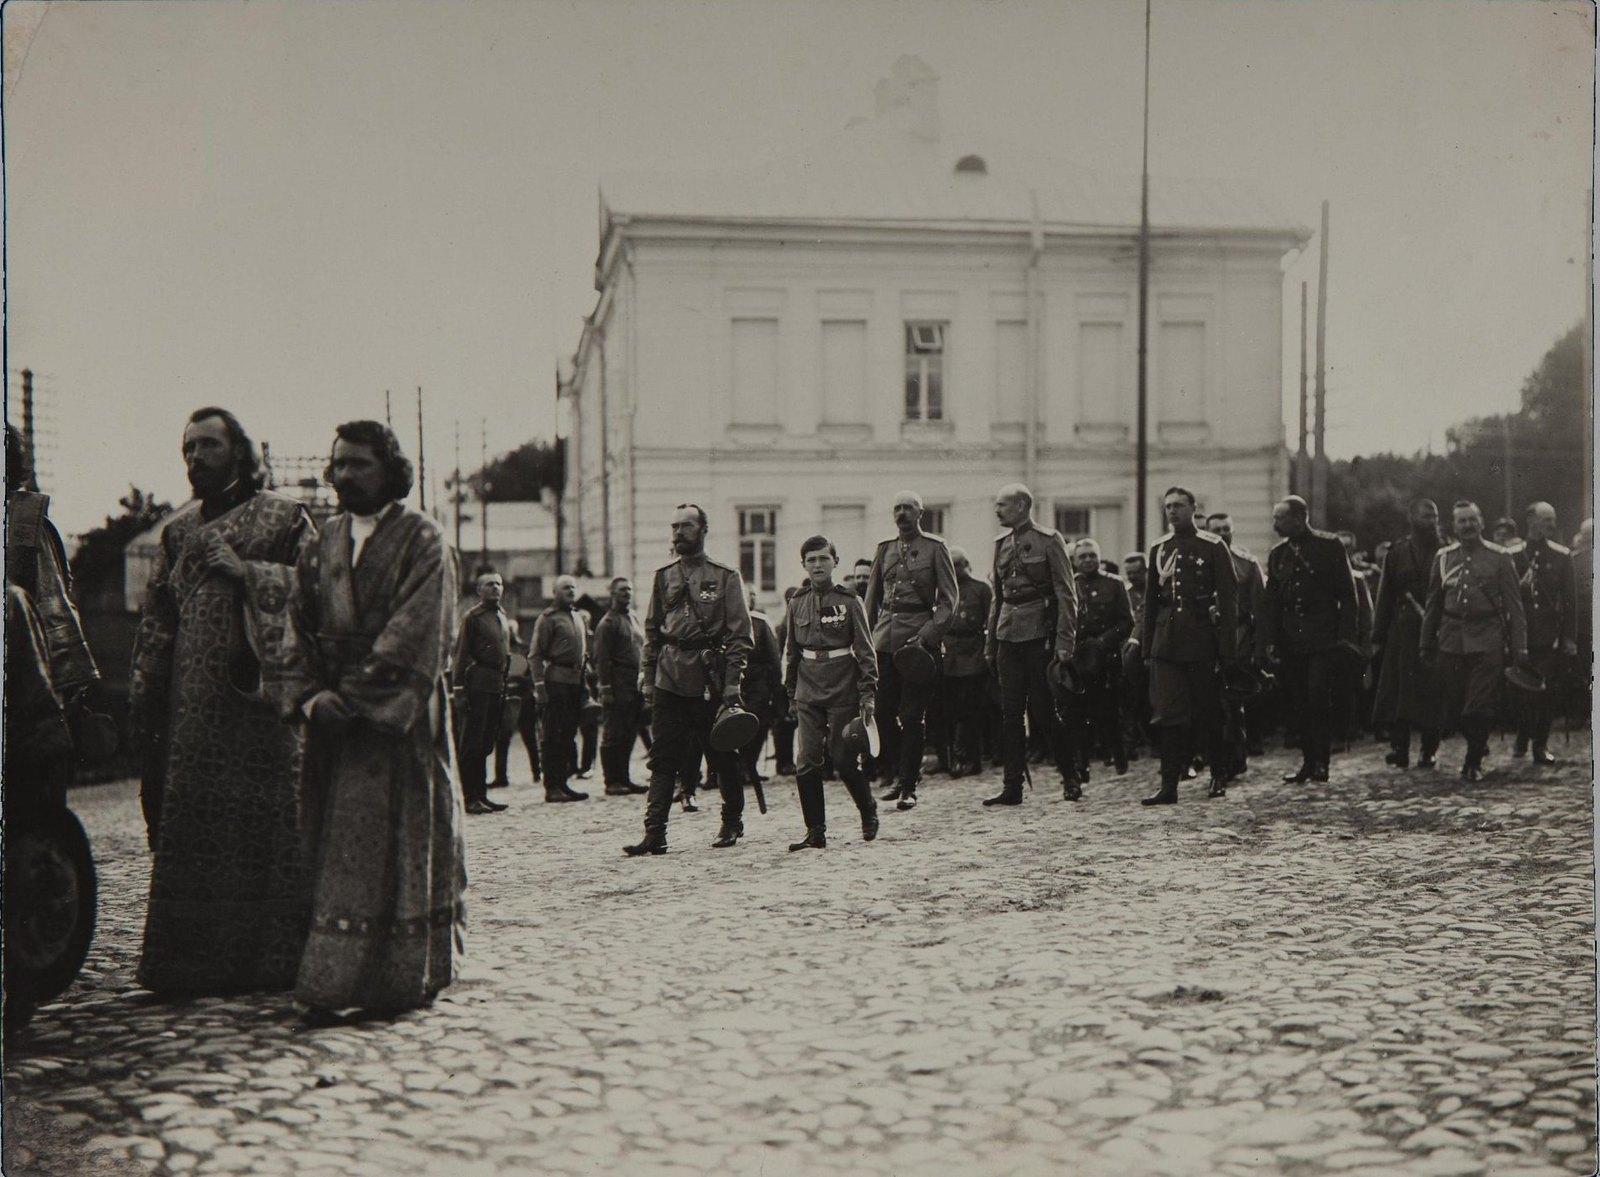 1914. Император Николай II и наследник Алексей Николаевич в сопровождении военных